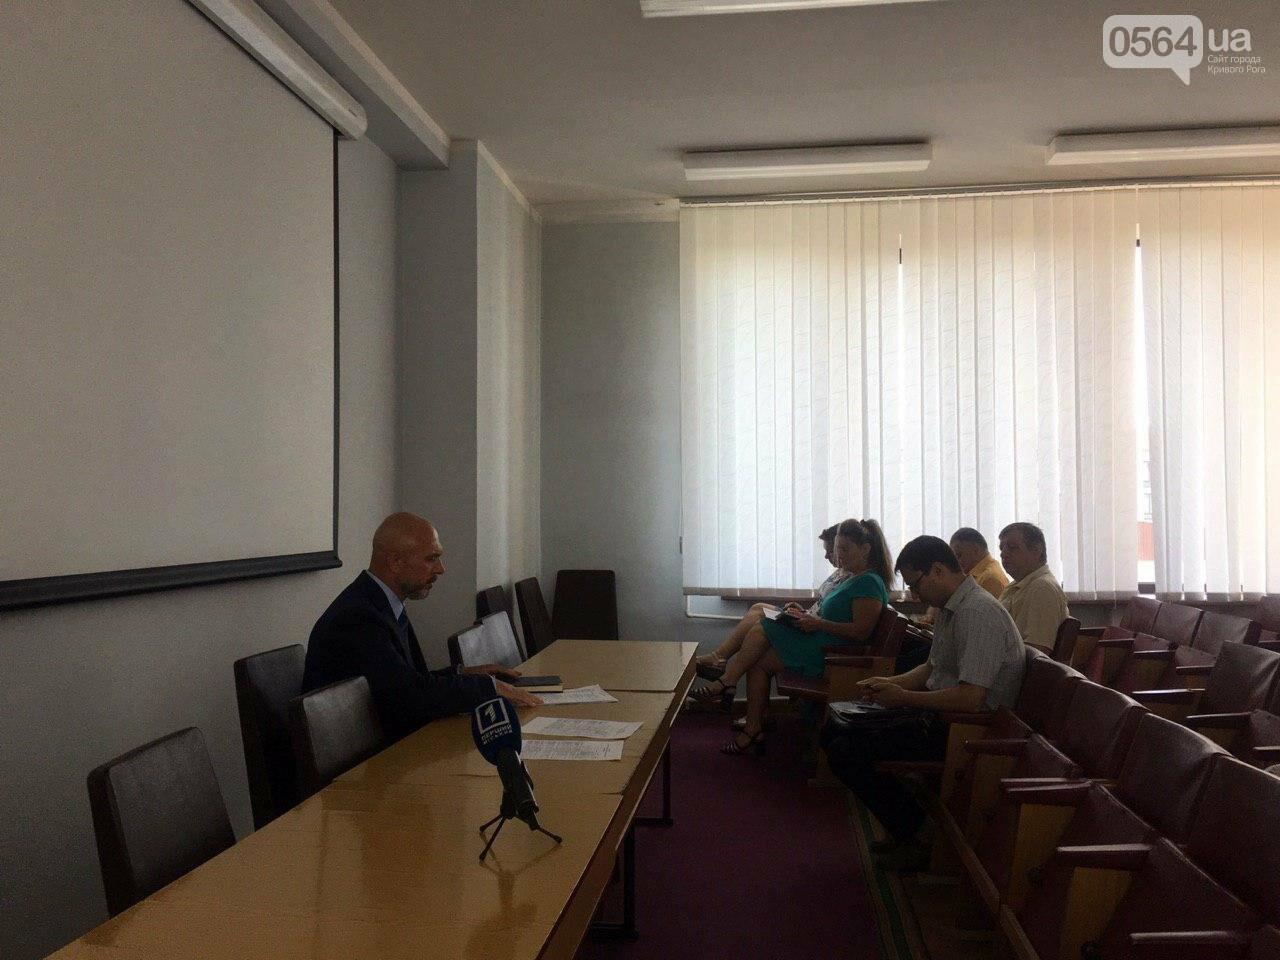 Криворожское КП пытается подготовится к отопительному сезону, несмотря на долг в полмиллиарда, - ФОТО , фото-2